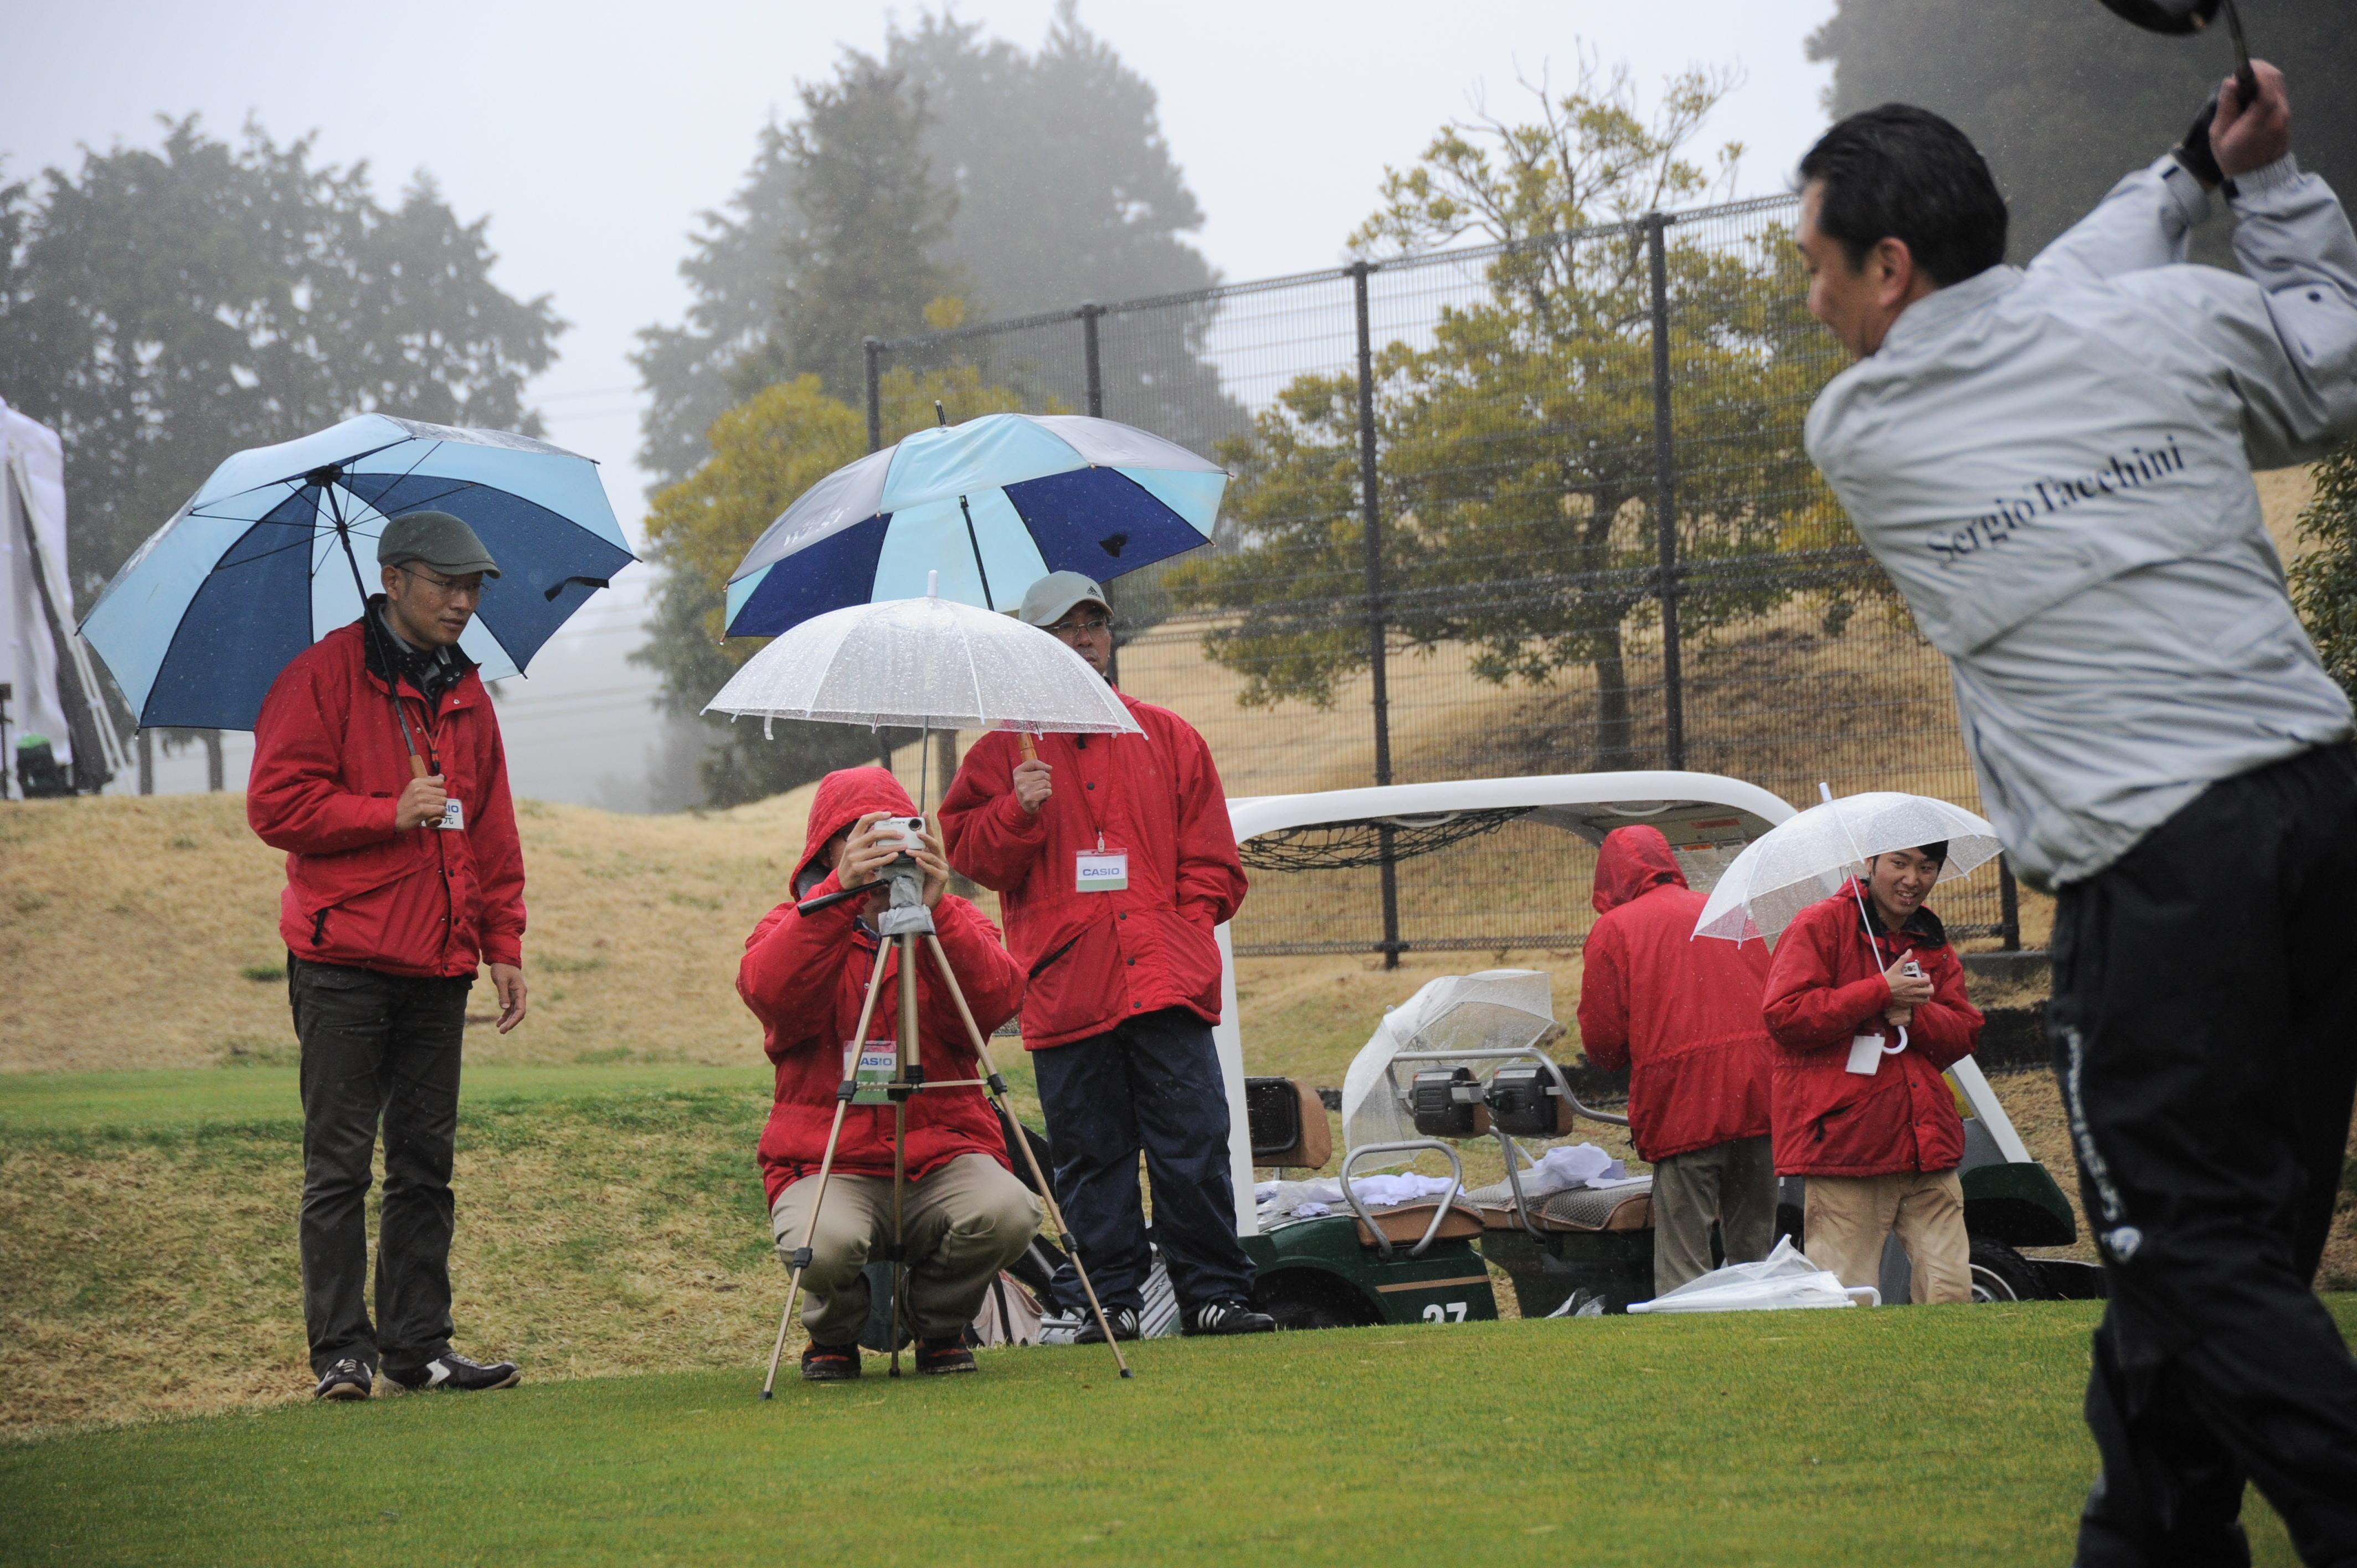 第3回チャリティーゴルフコンペ at グリッサンドゴルフクラブ